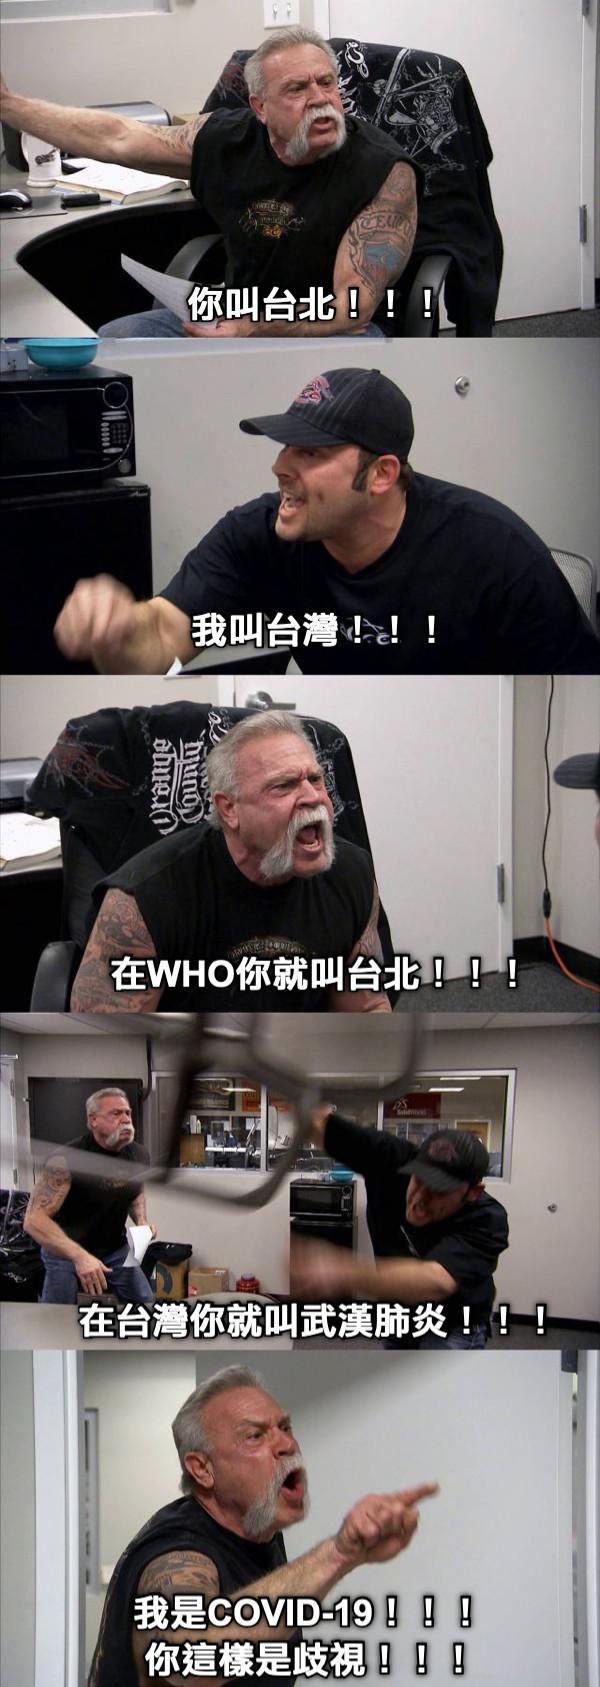 你叫台北!!! 我叫台灣!!! 在WHO你就叫台北!!! 在台灣你就叫武漢肺炎!!! 我是COVID-19!!! 你這樣是歧視!!!